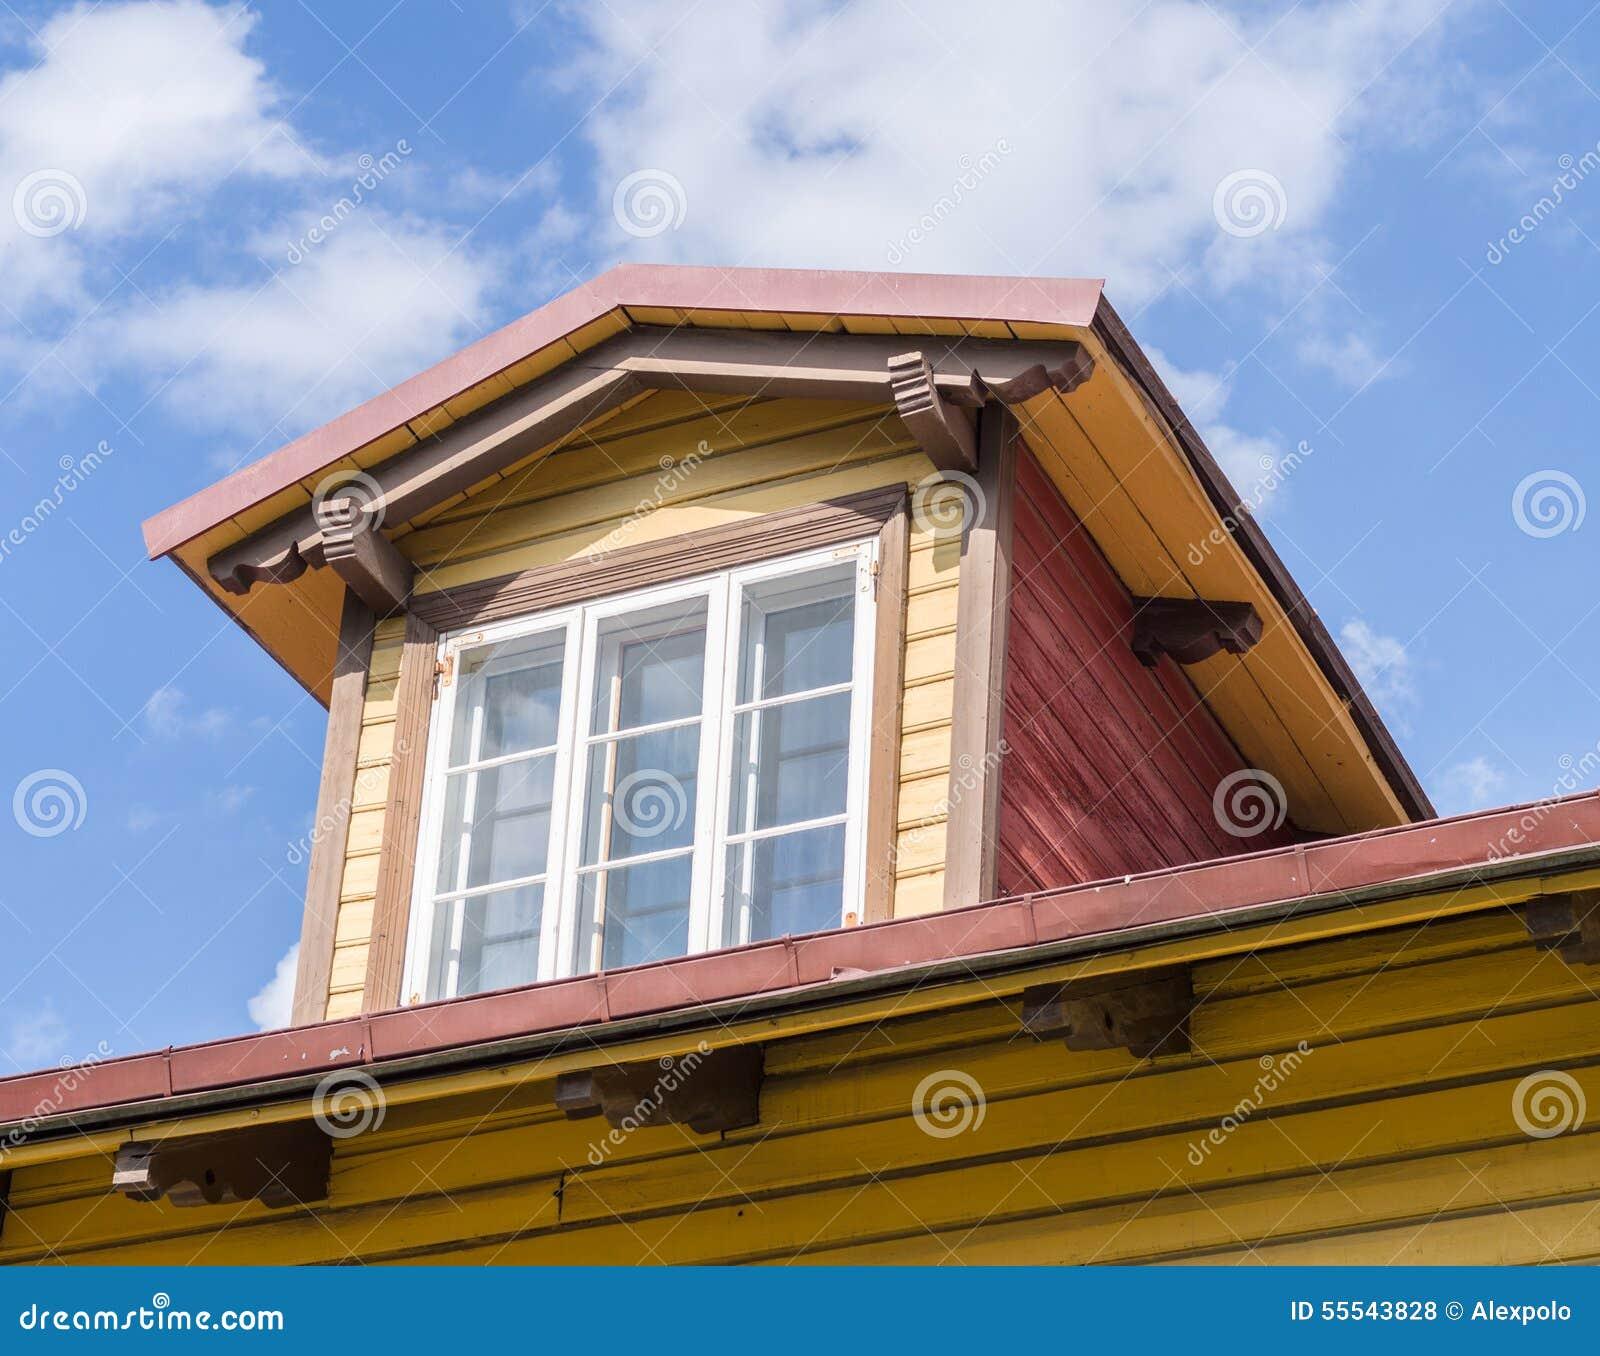 Ventana de la buhardilla en casa de madera foto de archivo imagen 55543828 - Ventanas de buhardilla ...